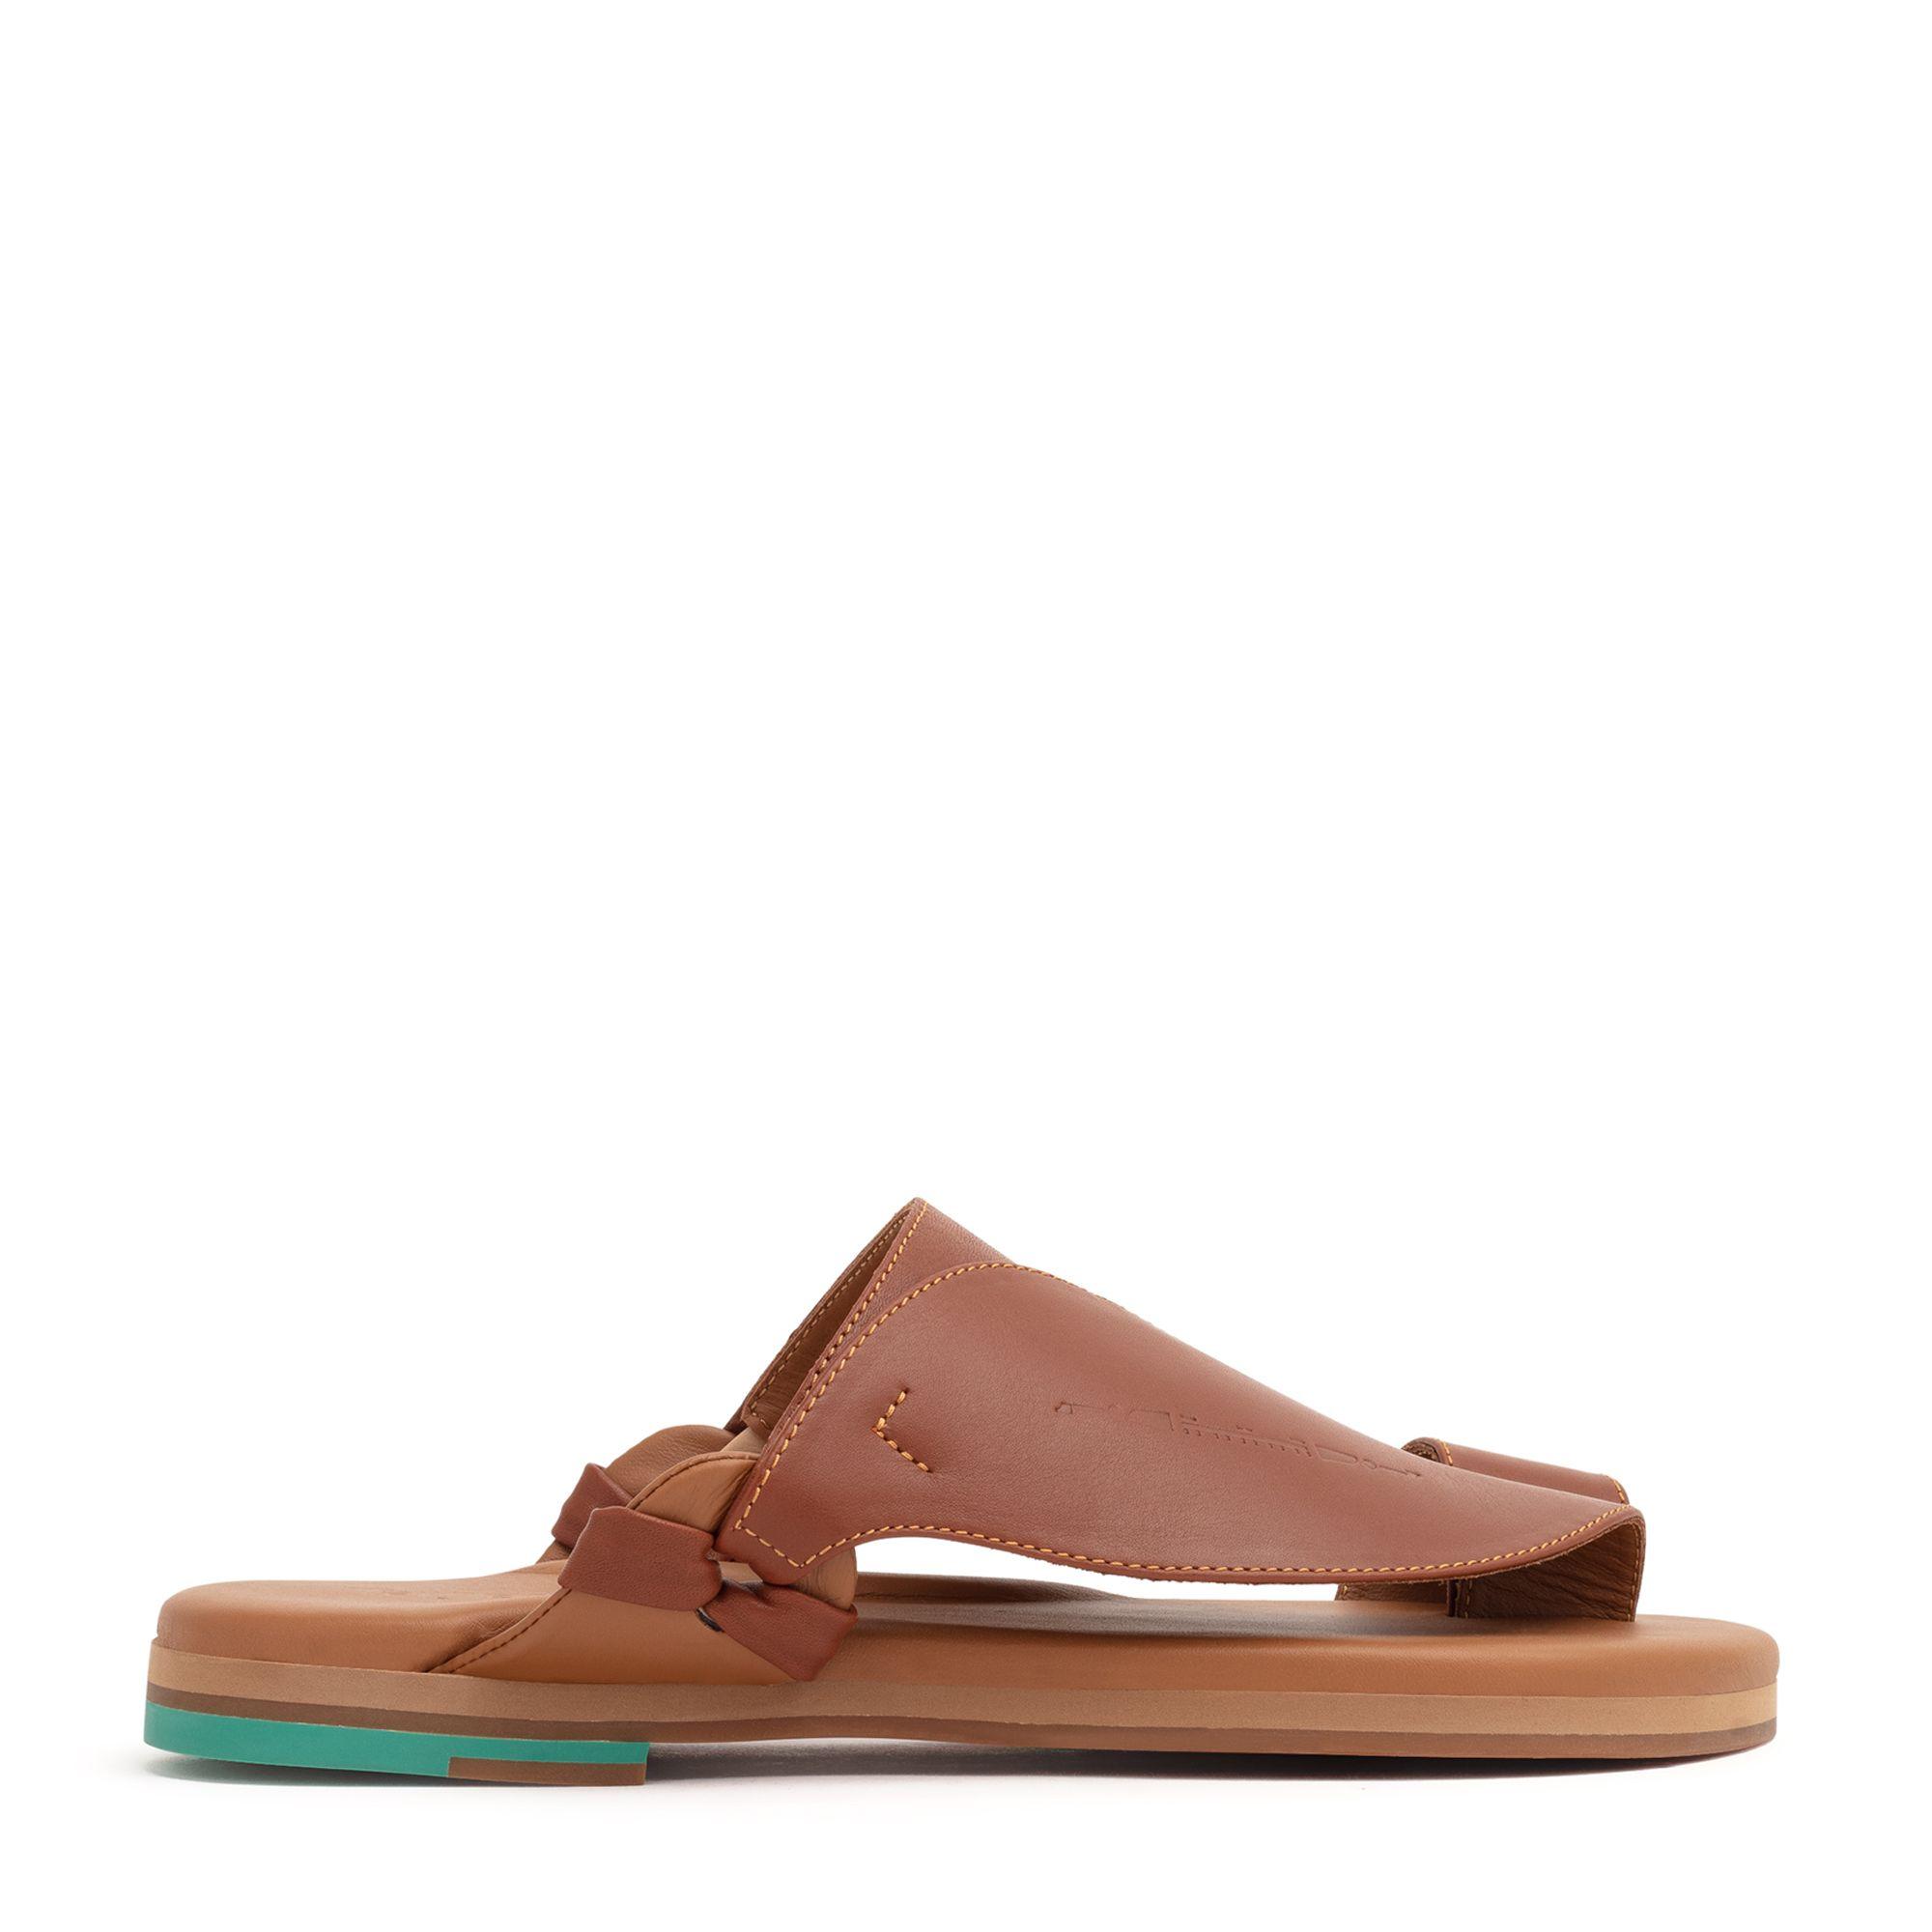 Danah sandals